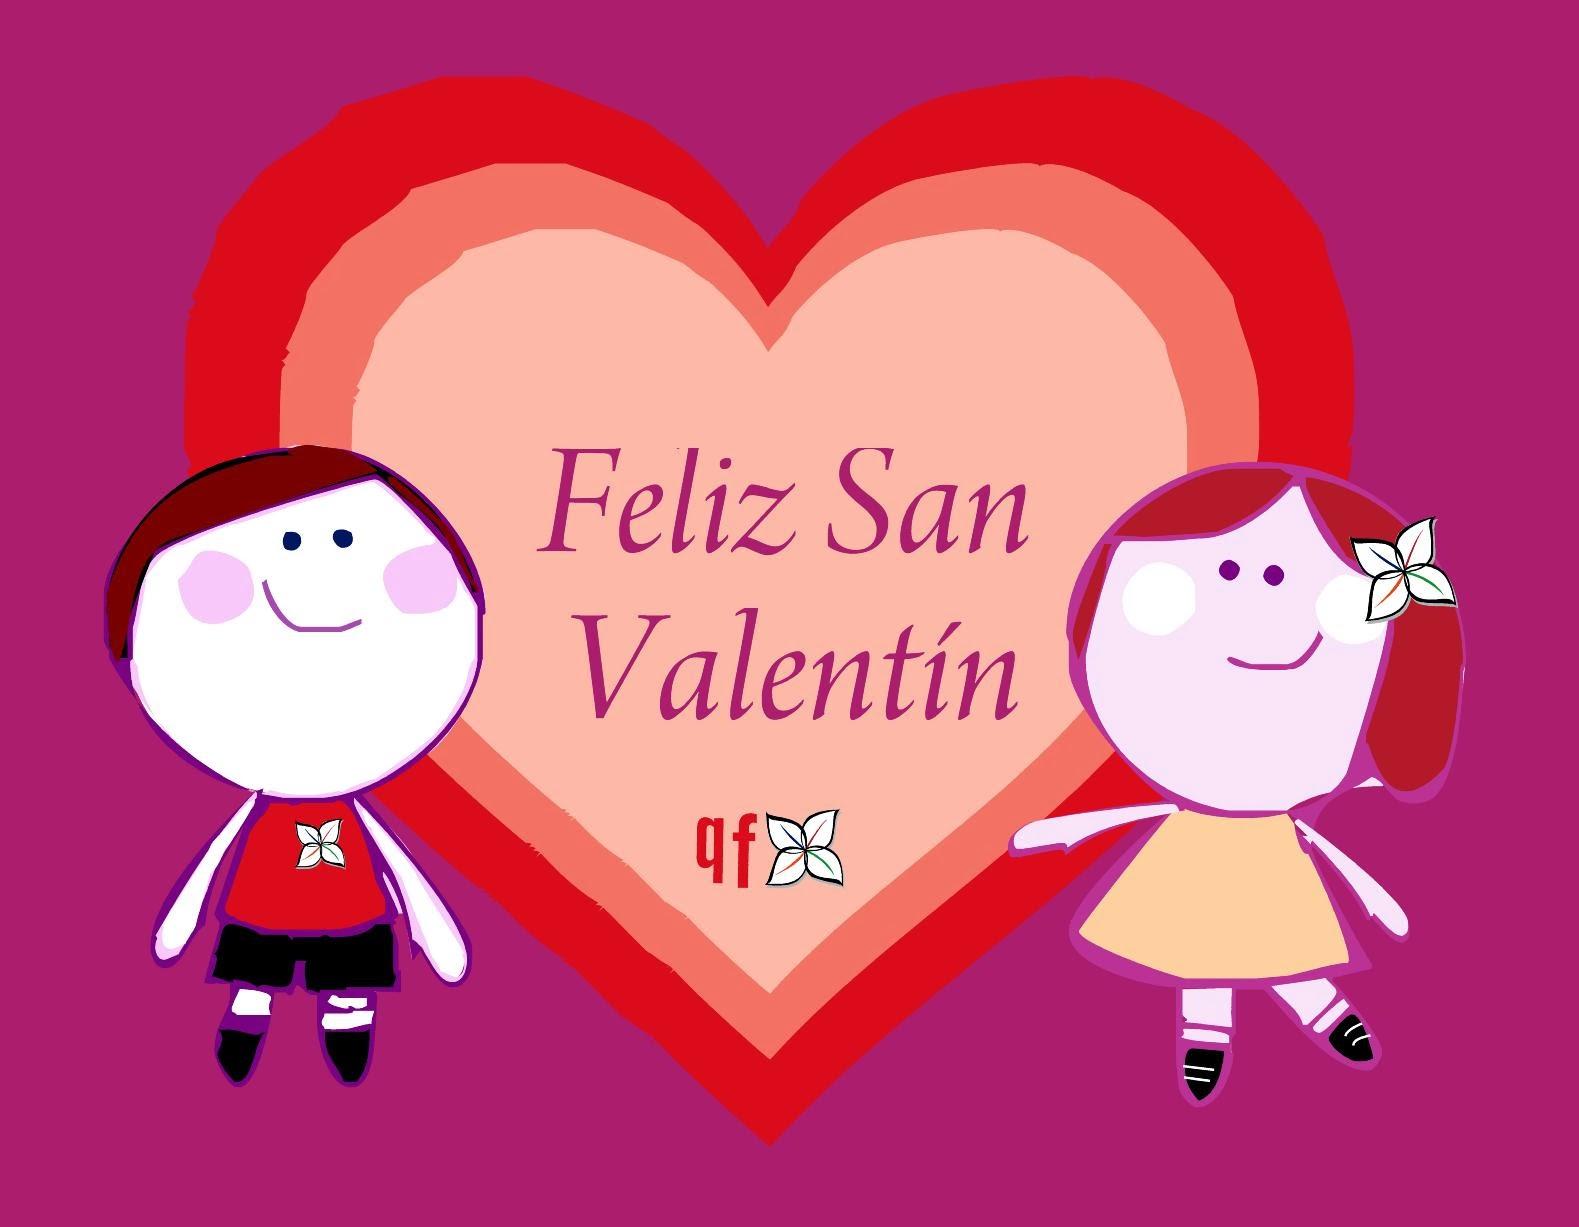 Banco de Imagenes y fotos gratis: Feliz San Valentin, parte 1